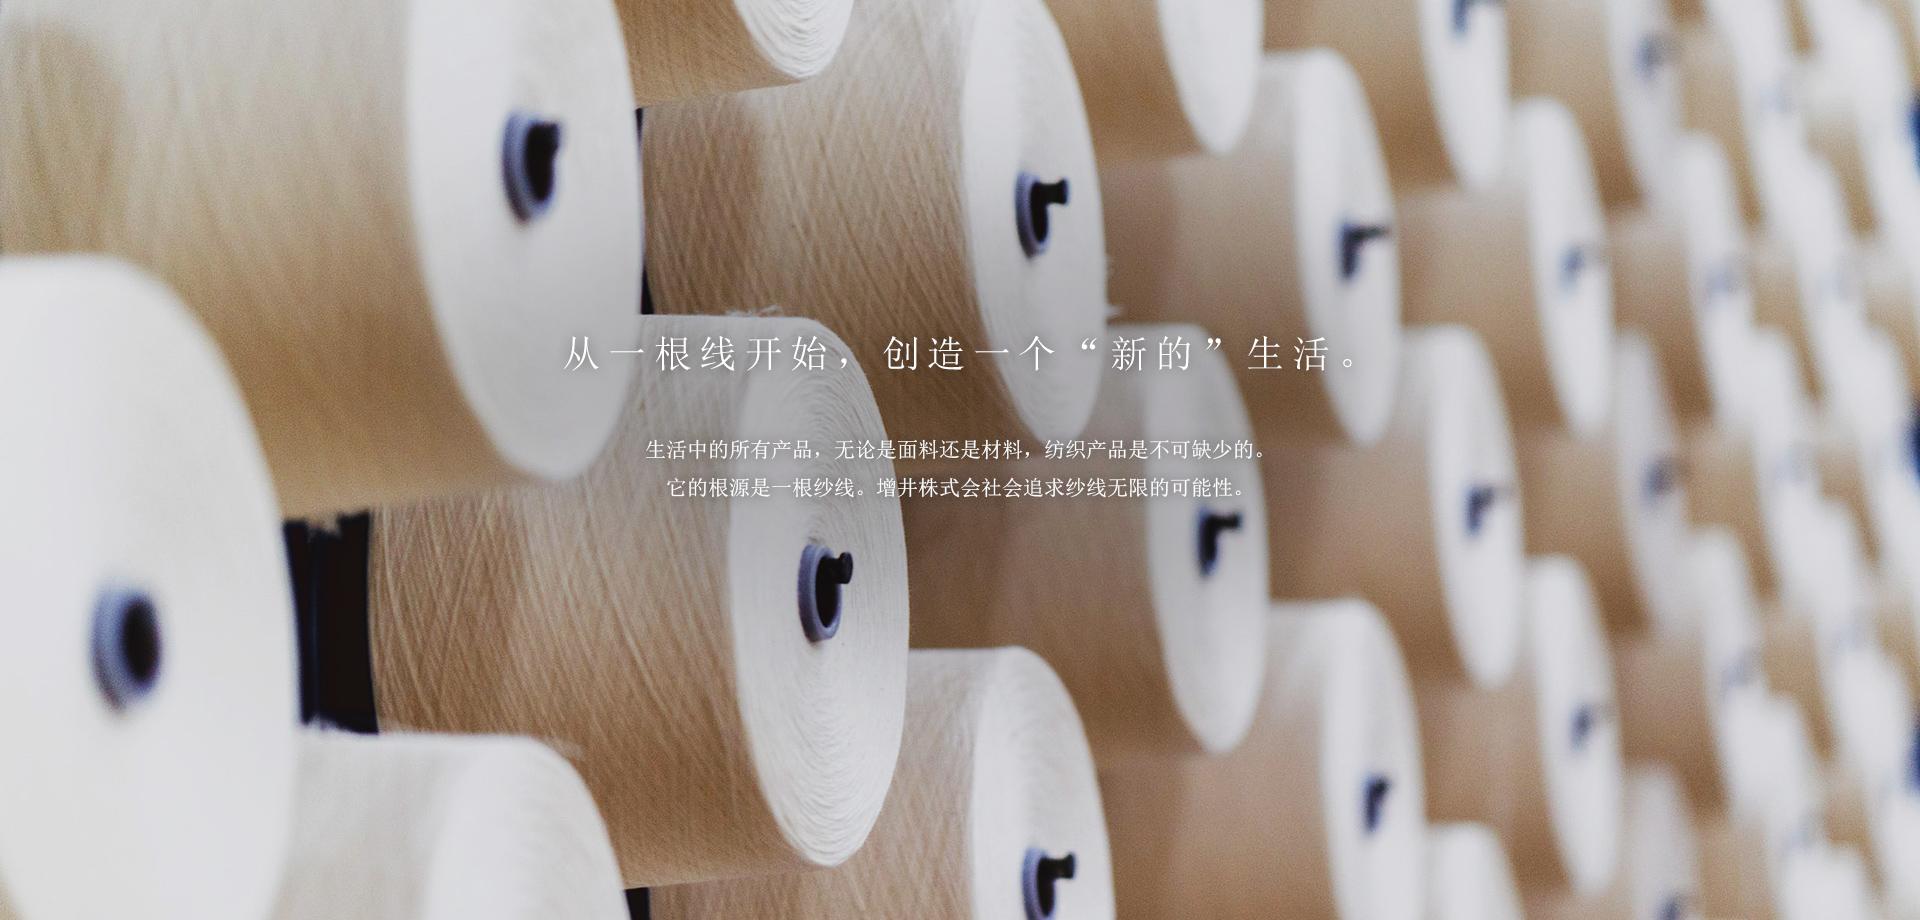 """从一根线开始,创造一个""""新的""""生活。 生活中的所有产品,无论是面料还是材料,纺织产品是不可缺少的。 它的根源是一根纱线。增井株式会社会追求纱线无限的可能性。"""